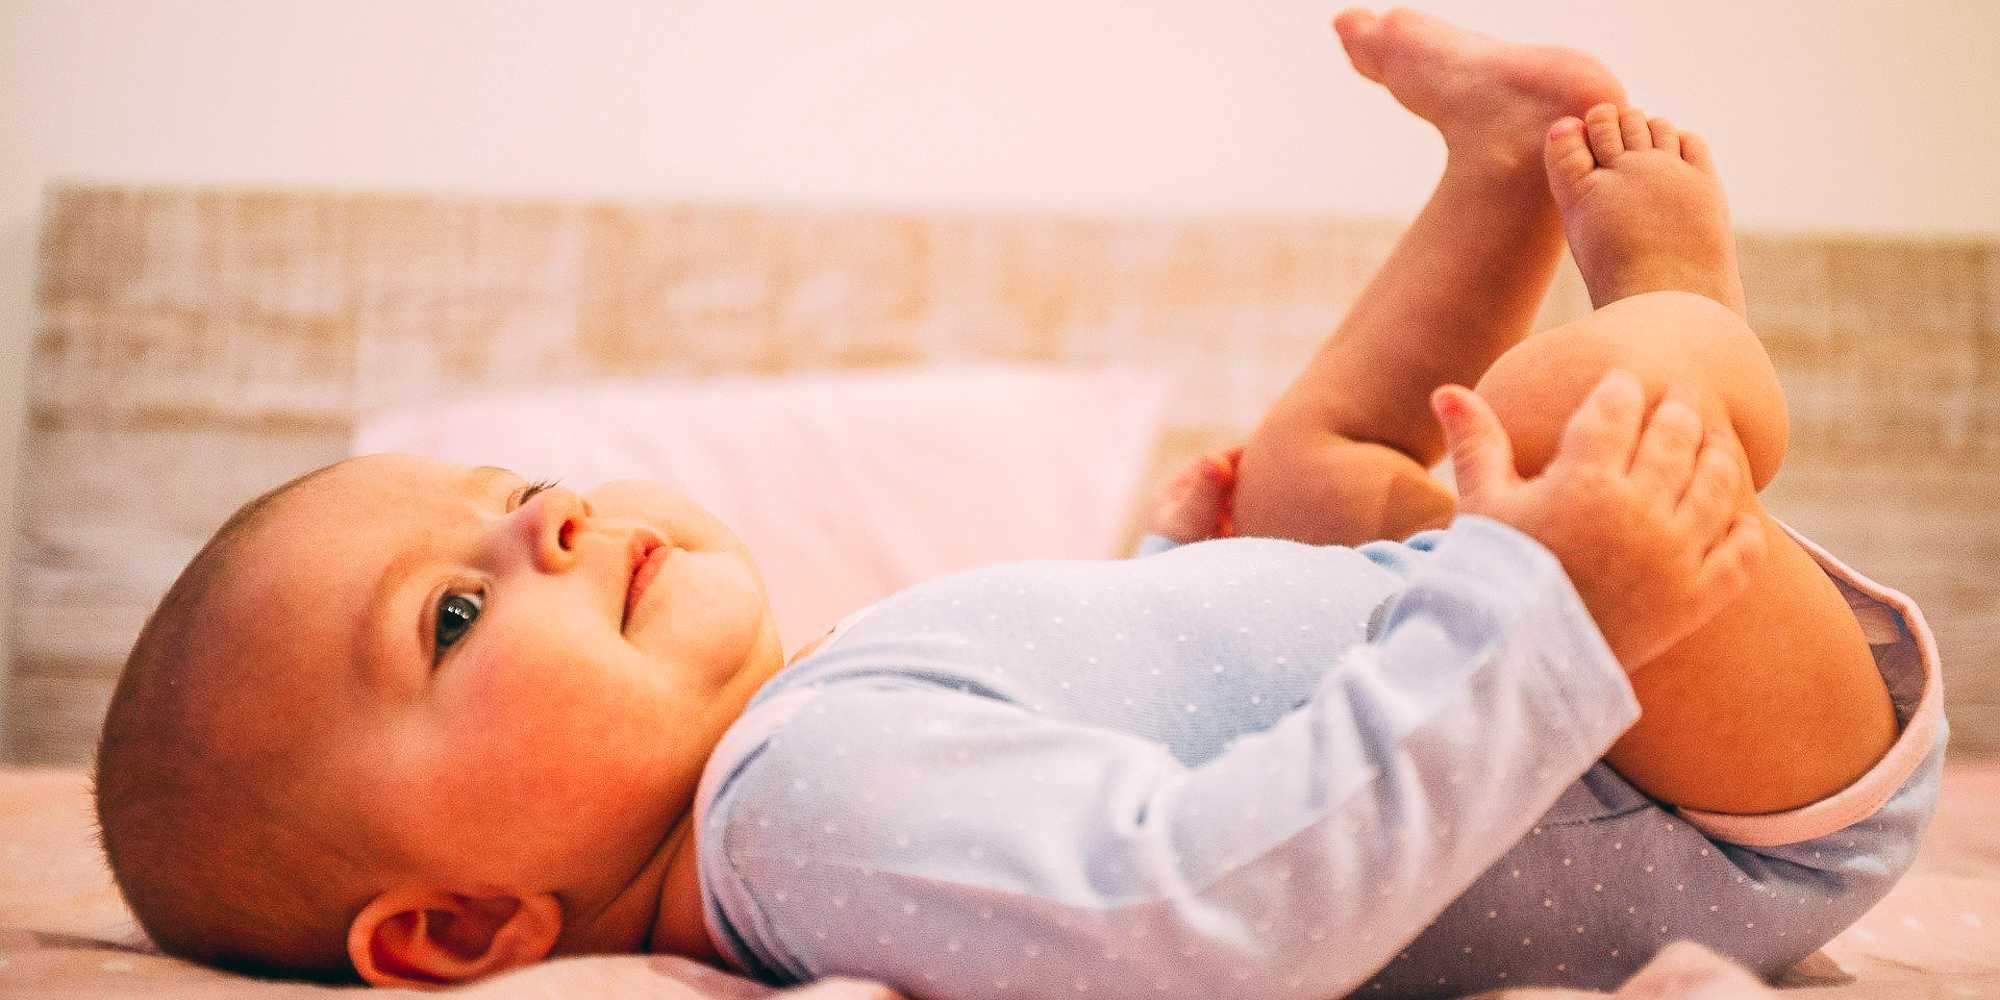 Come scegliere l'acqua più adatta per i neonati? I consigli del nostro Direttore Sanitario